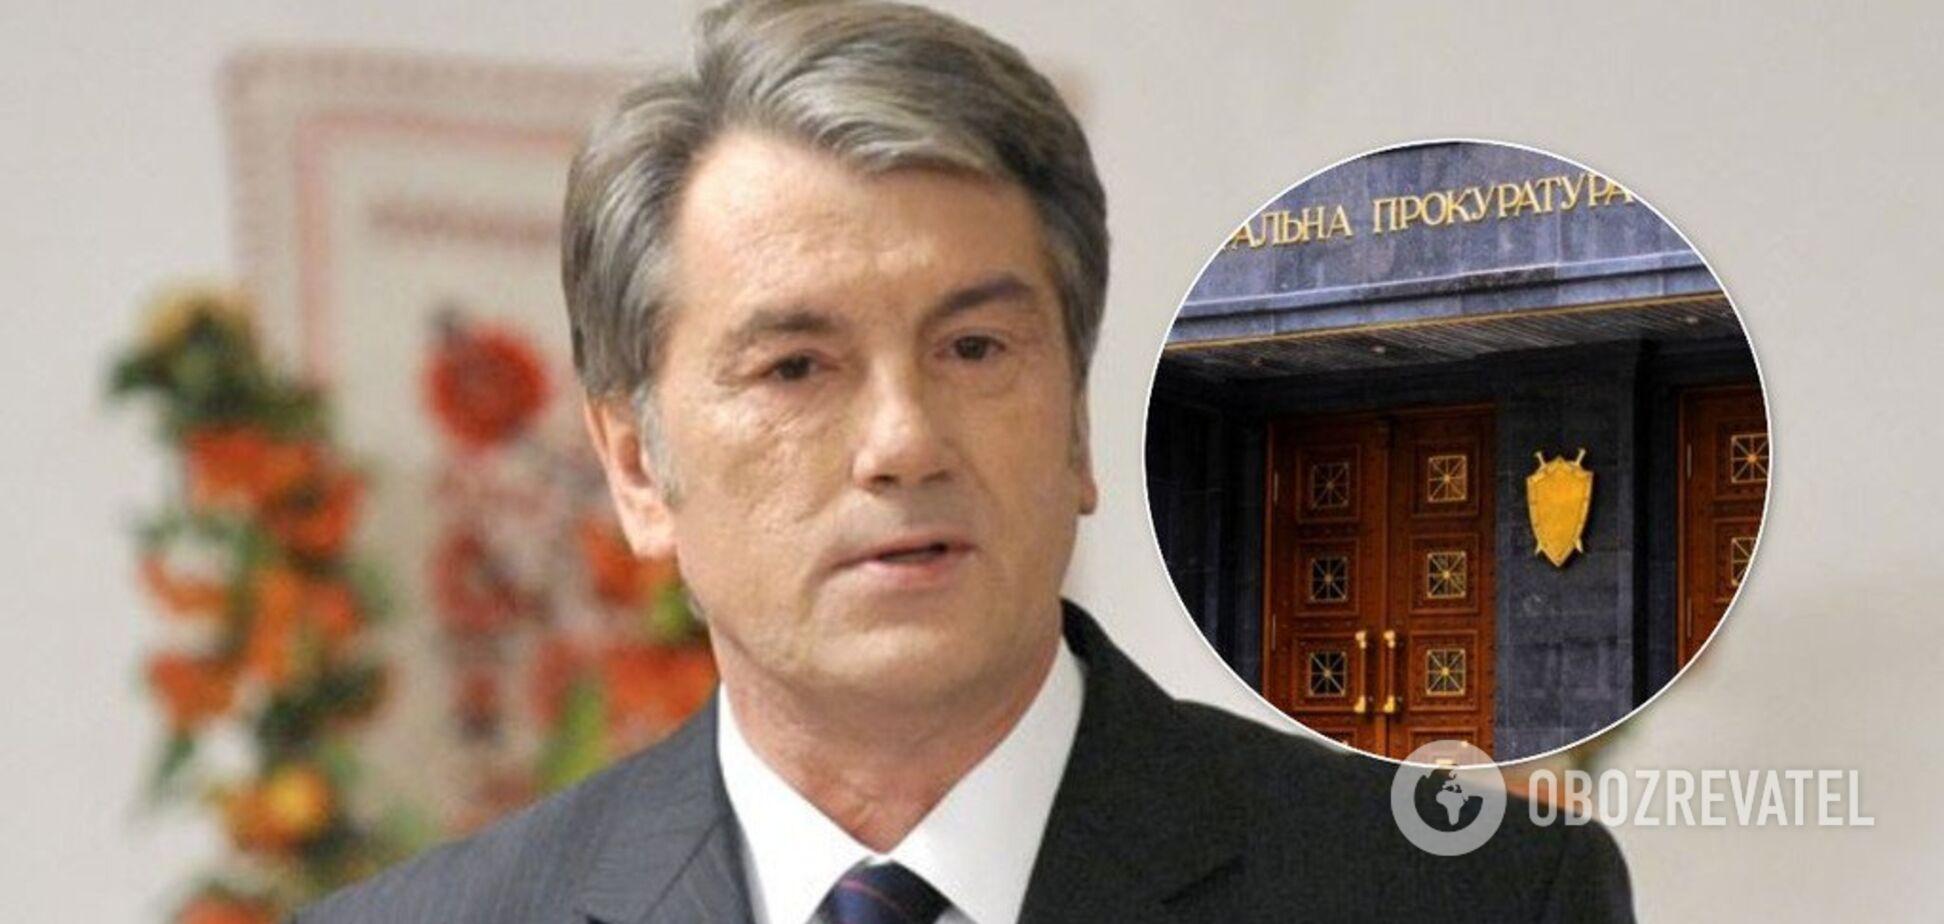 ГПУ попросила суд арестовать имущество третьего президента Украины